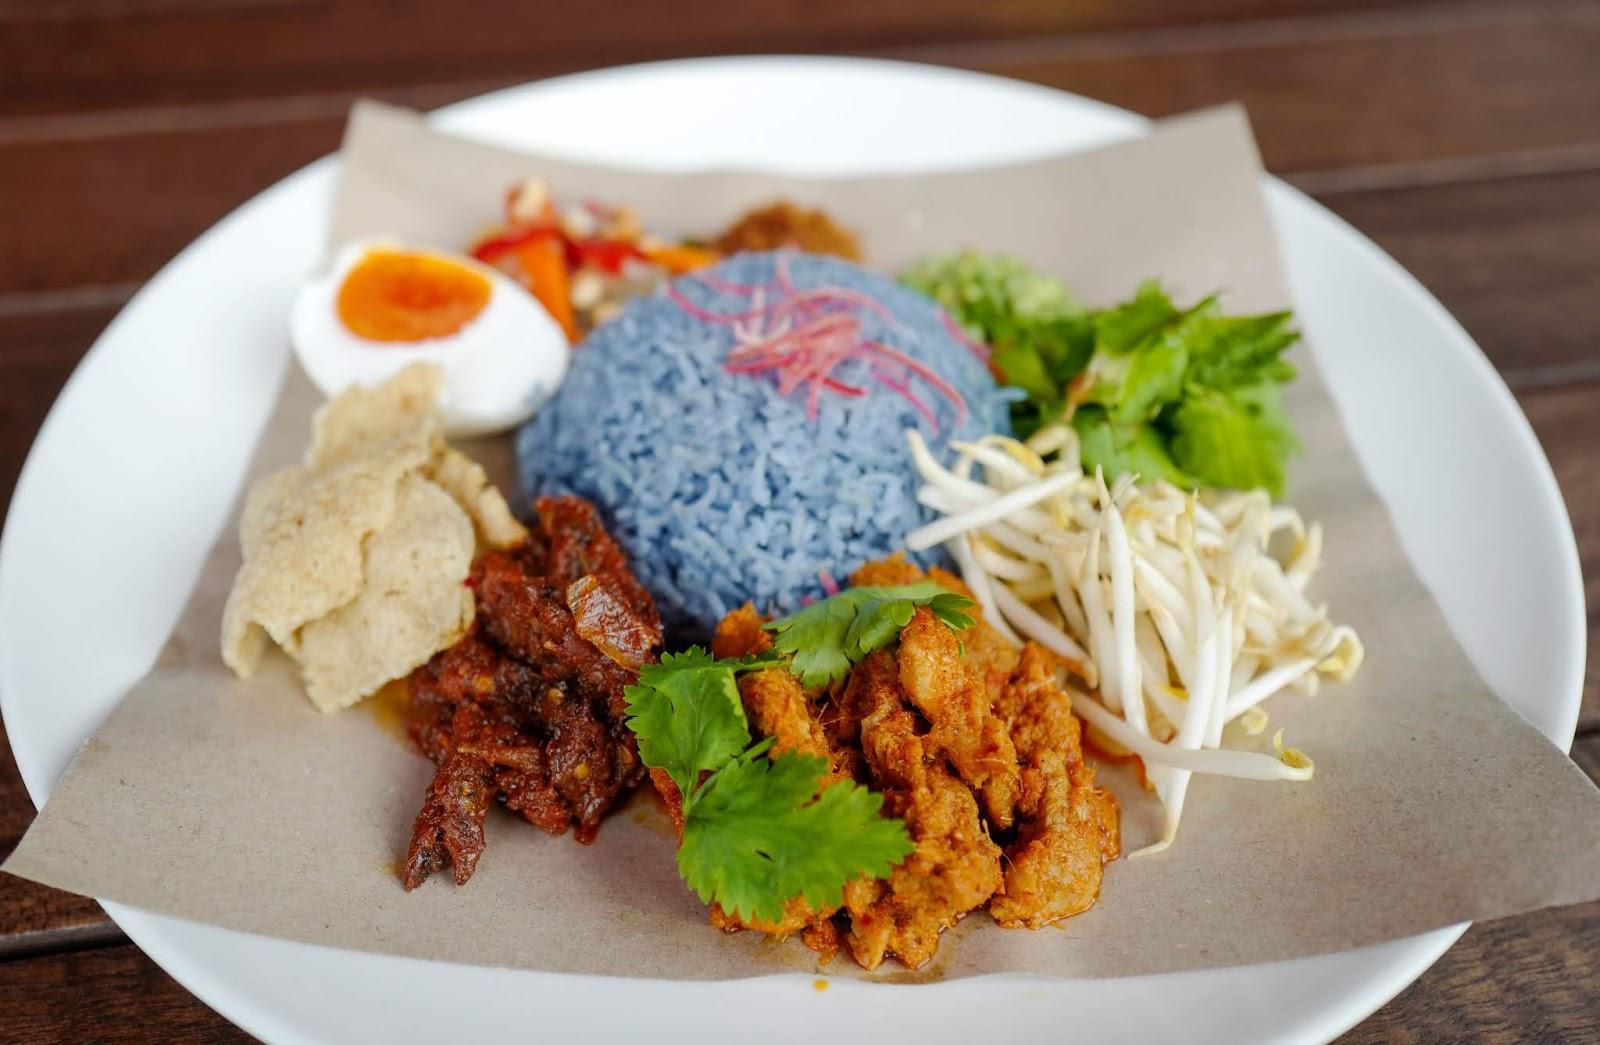 ANTE: Merdeka Month Nasi Kerabu Special